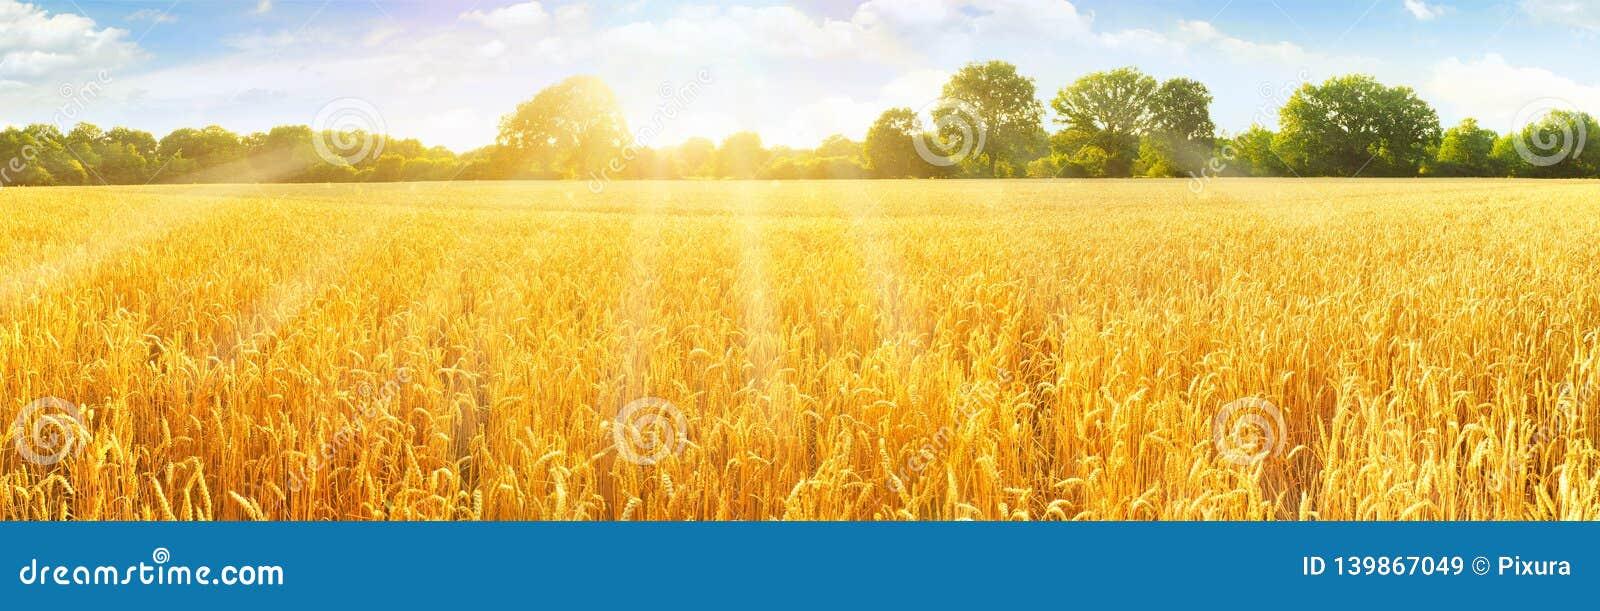 Wheat Field in Summertime